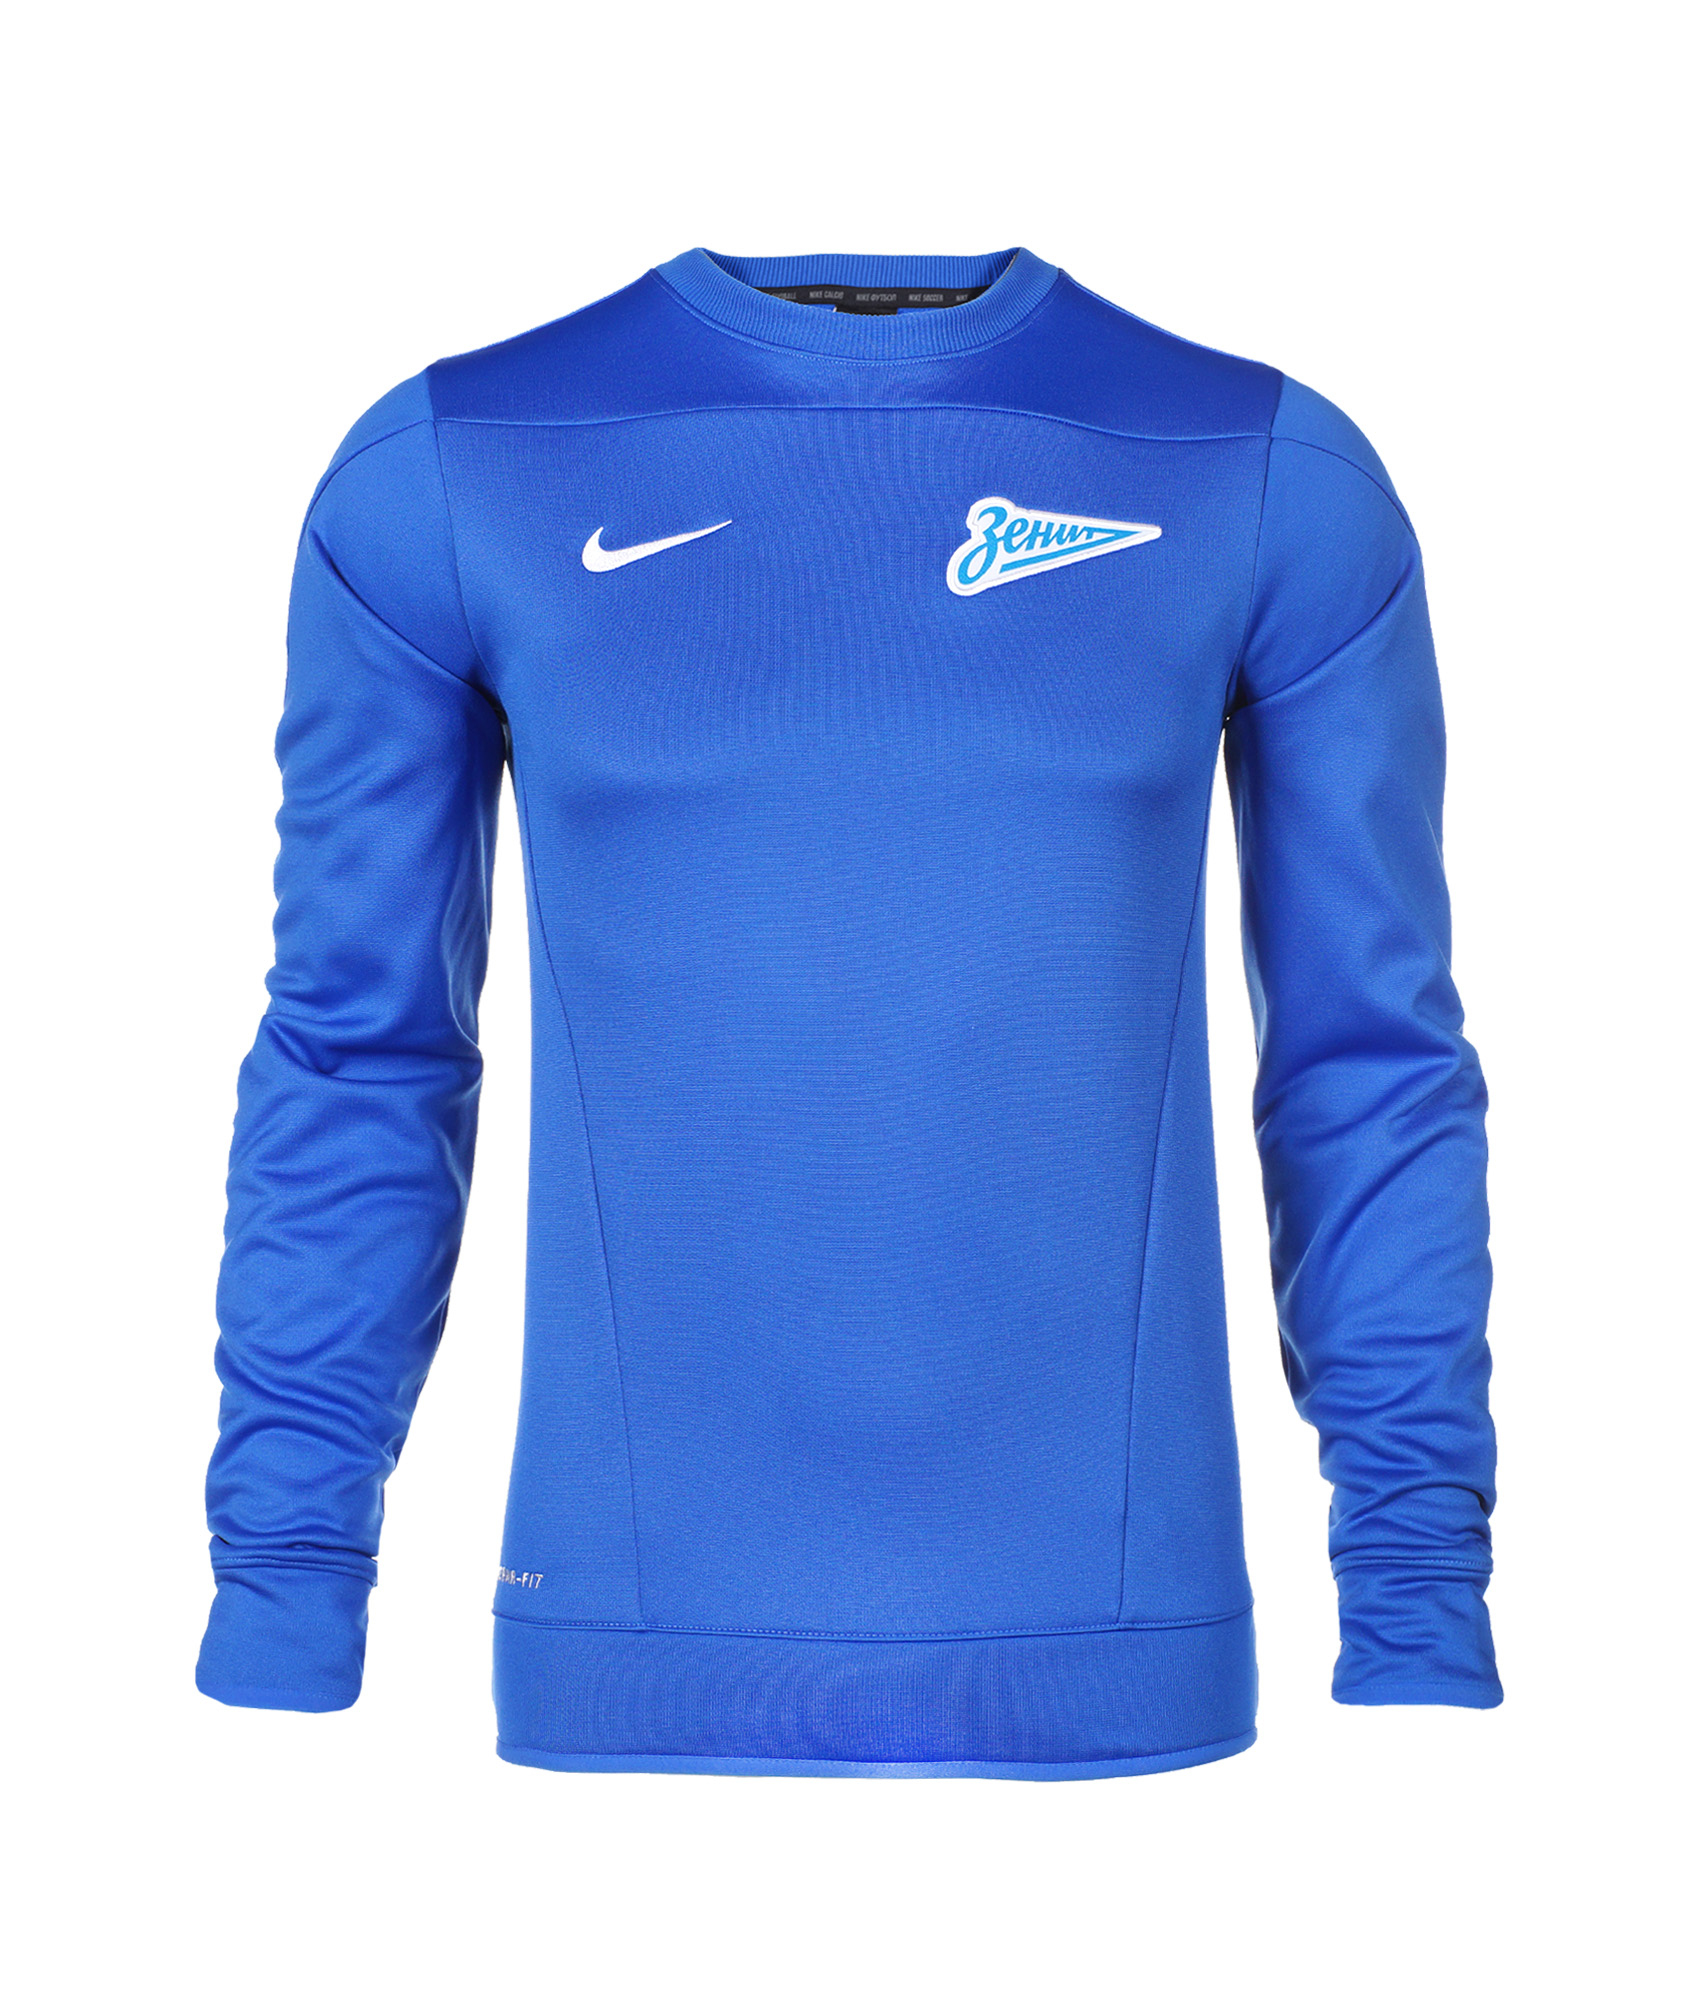 Джемпер тренировочный Nike Zenit Squad OTH LS TOP, Цвет-Синий, Размер-XL